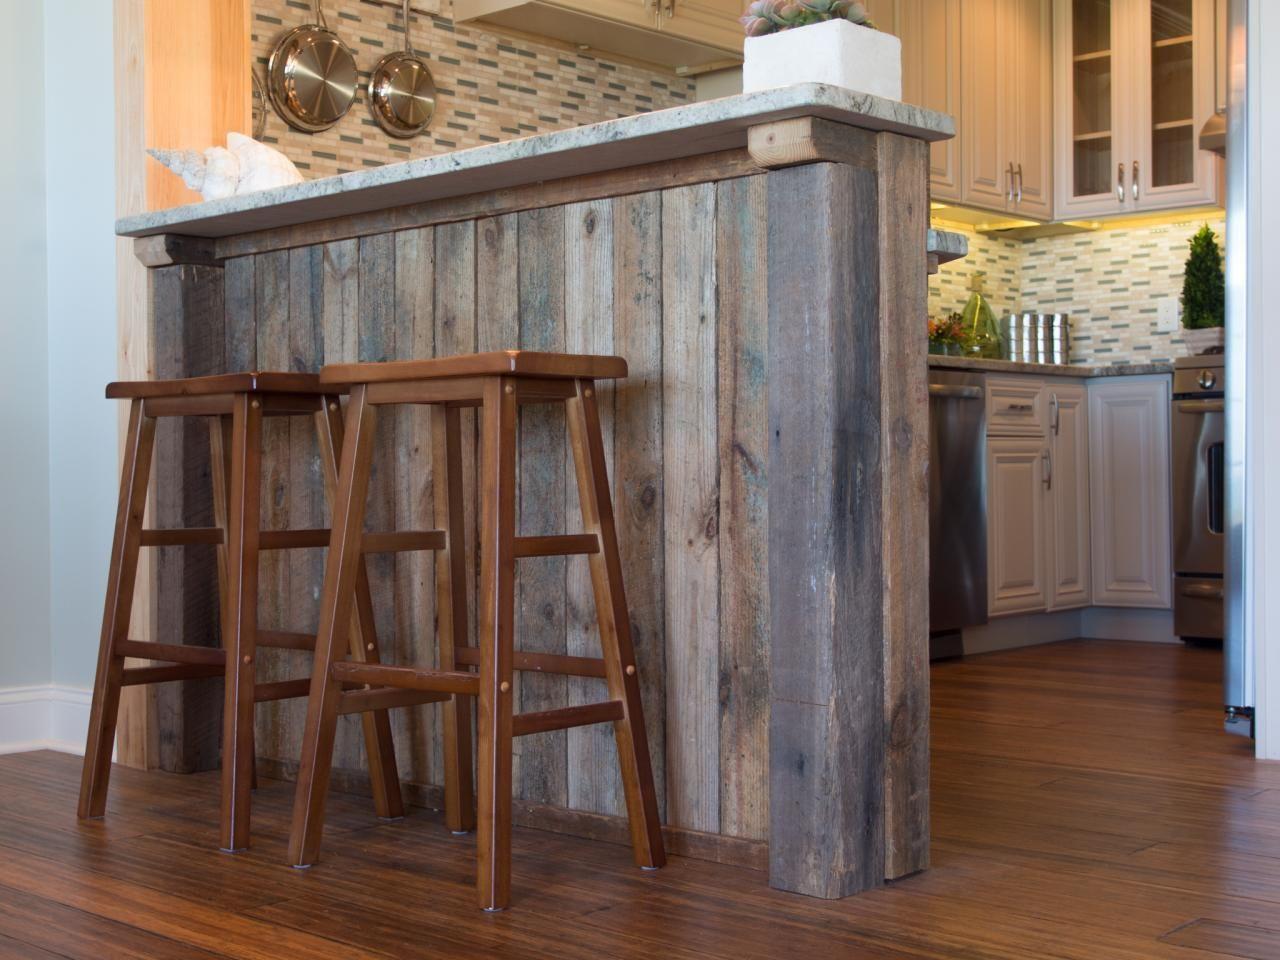 clad kitchen island tos diy build kitchen bar kitchen design ...